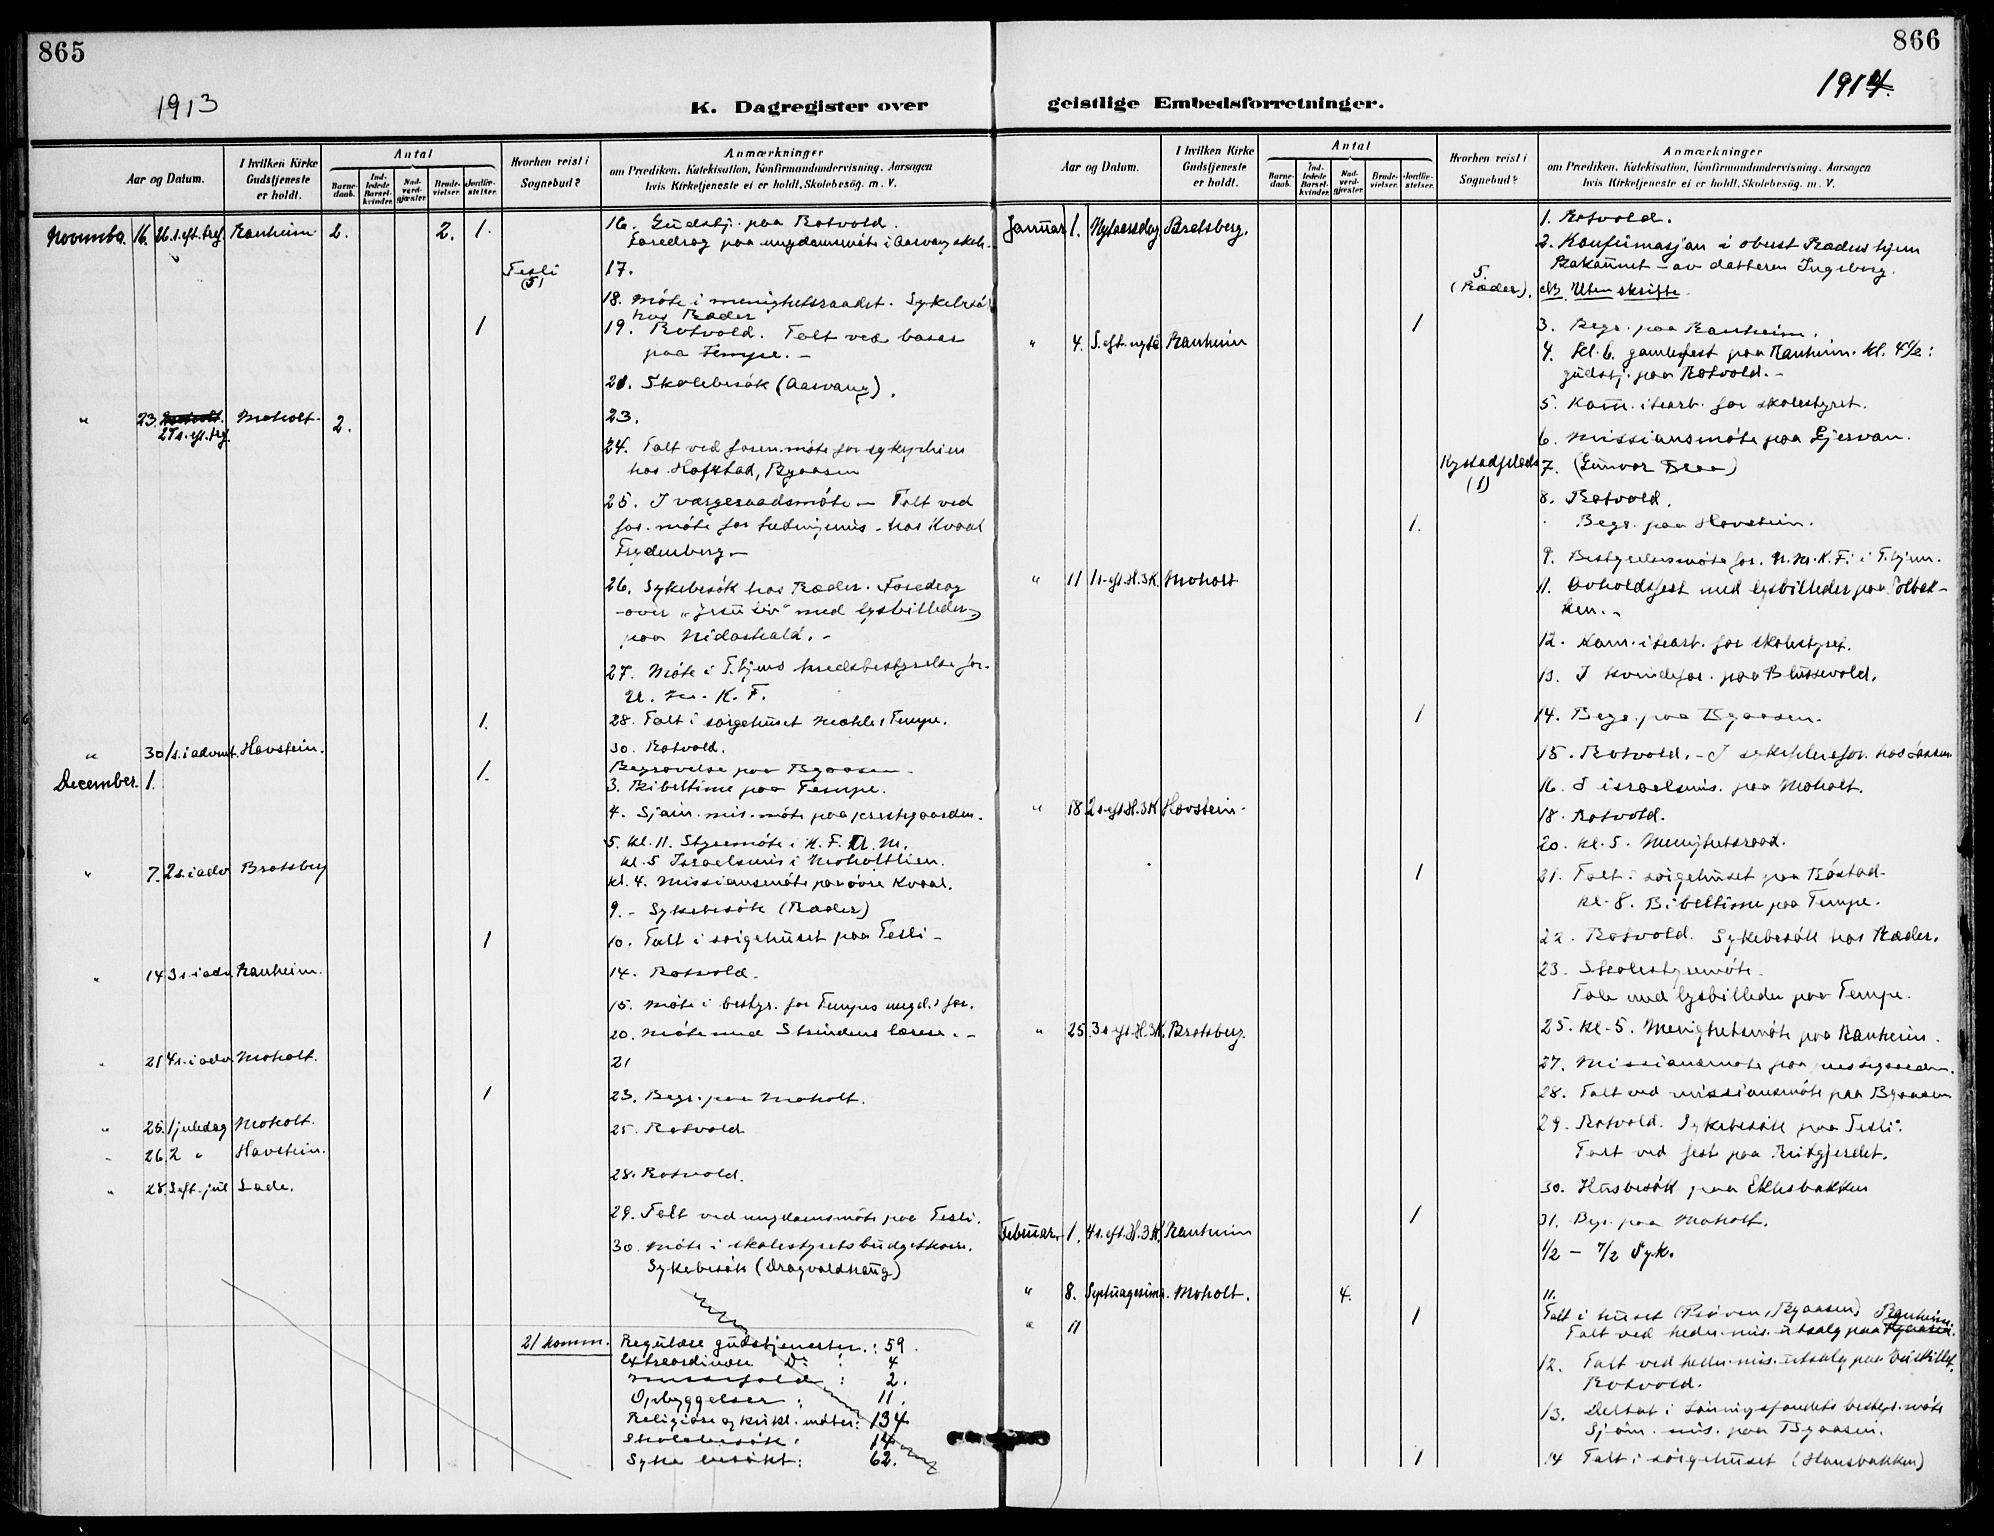 SAT, Ministerialprotokoller, klokkerbøker og fødselsregistre - Sør-Trøndelag, 607/L0320: Ministerialbok nr. 607A04, 1907-1915, s. 865-866